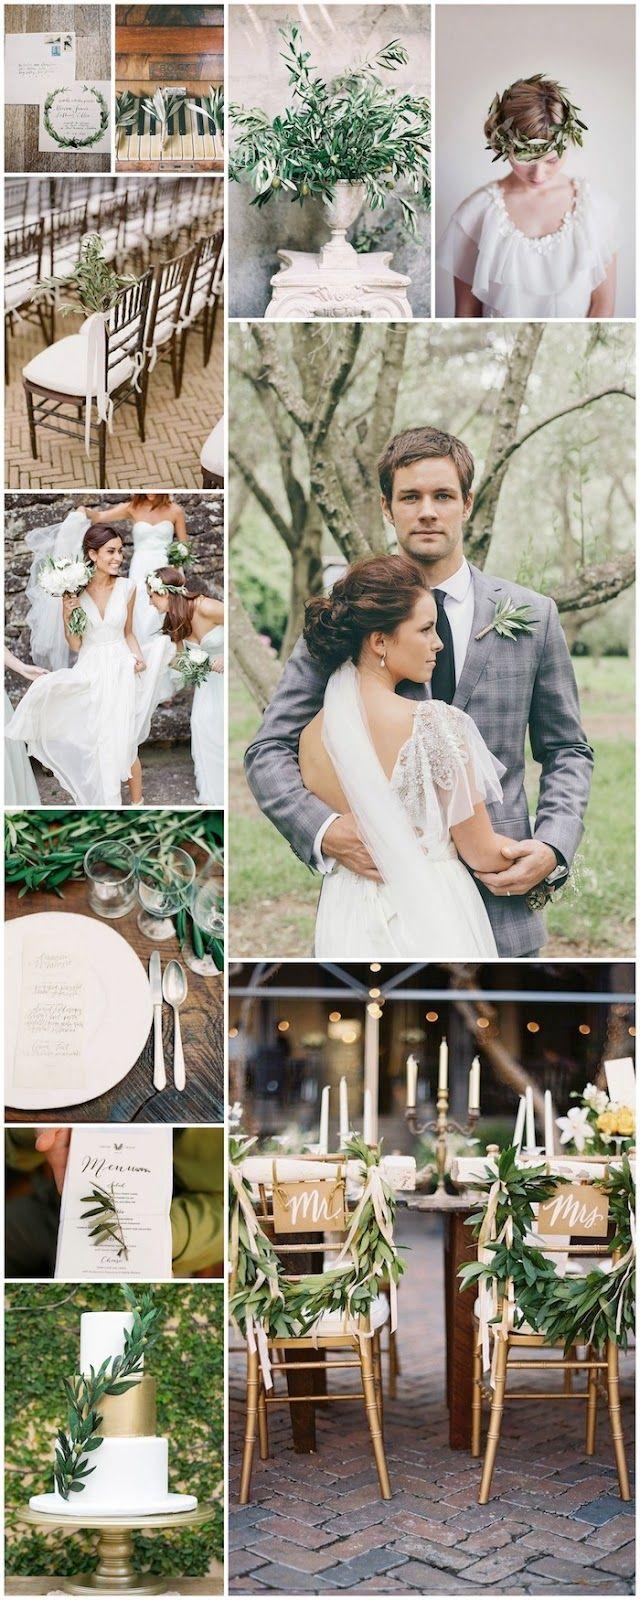 Inspiration_mariage_olivier_provenc_al_love_sur_la_comete_blog_mariage